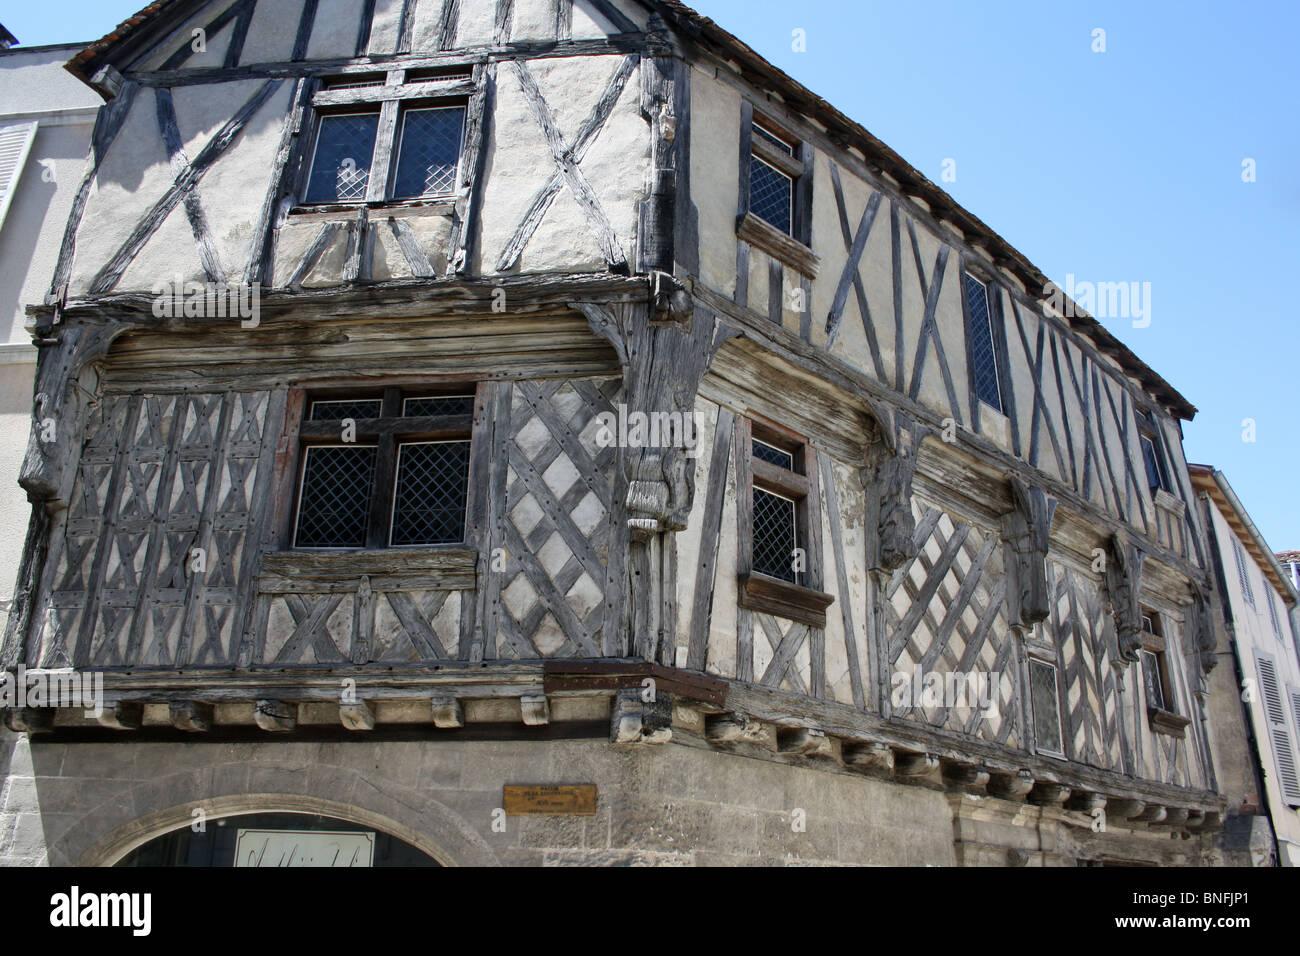 maison de la lieutenance cognac sw france upper floors